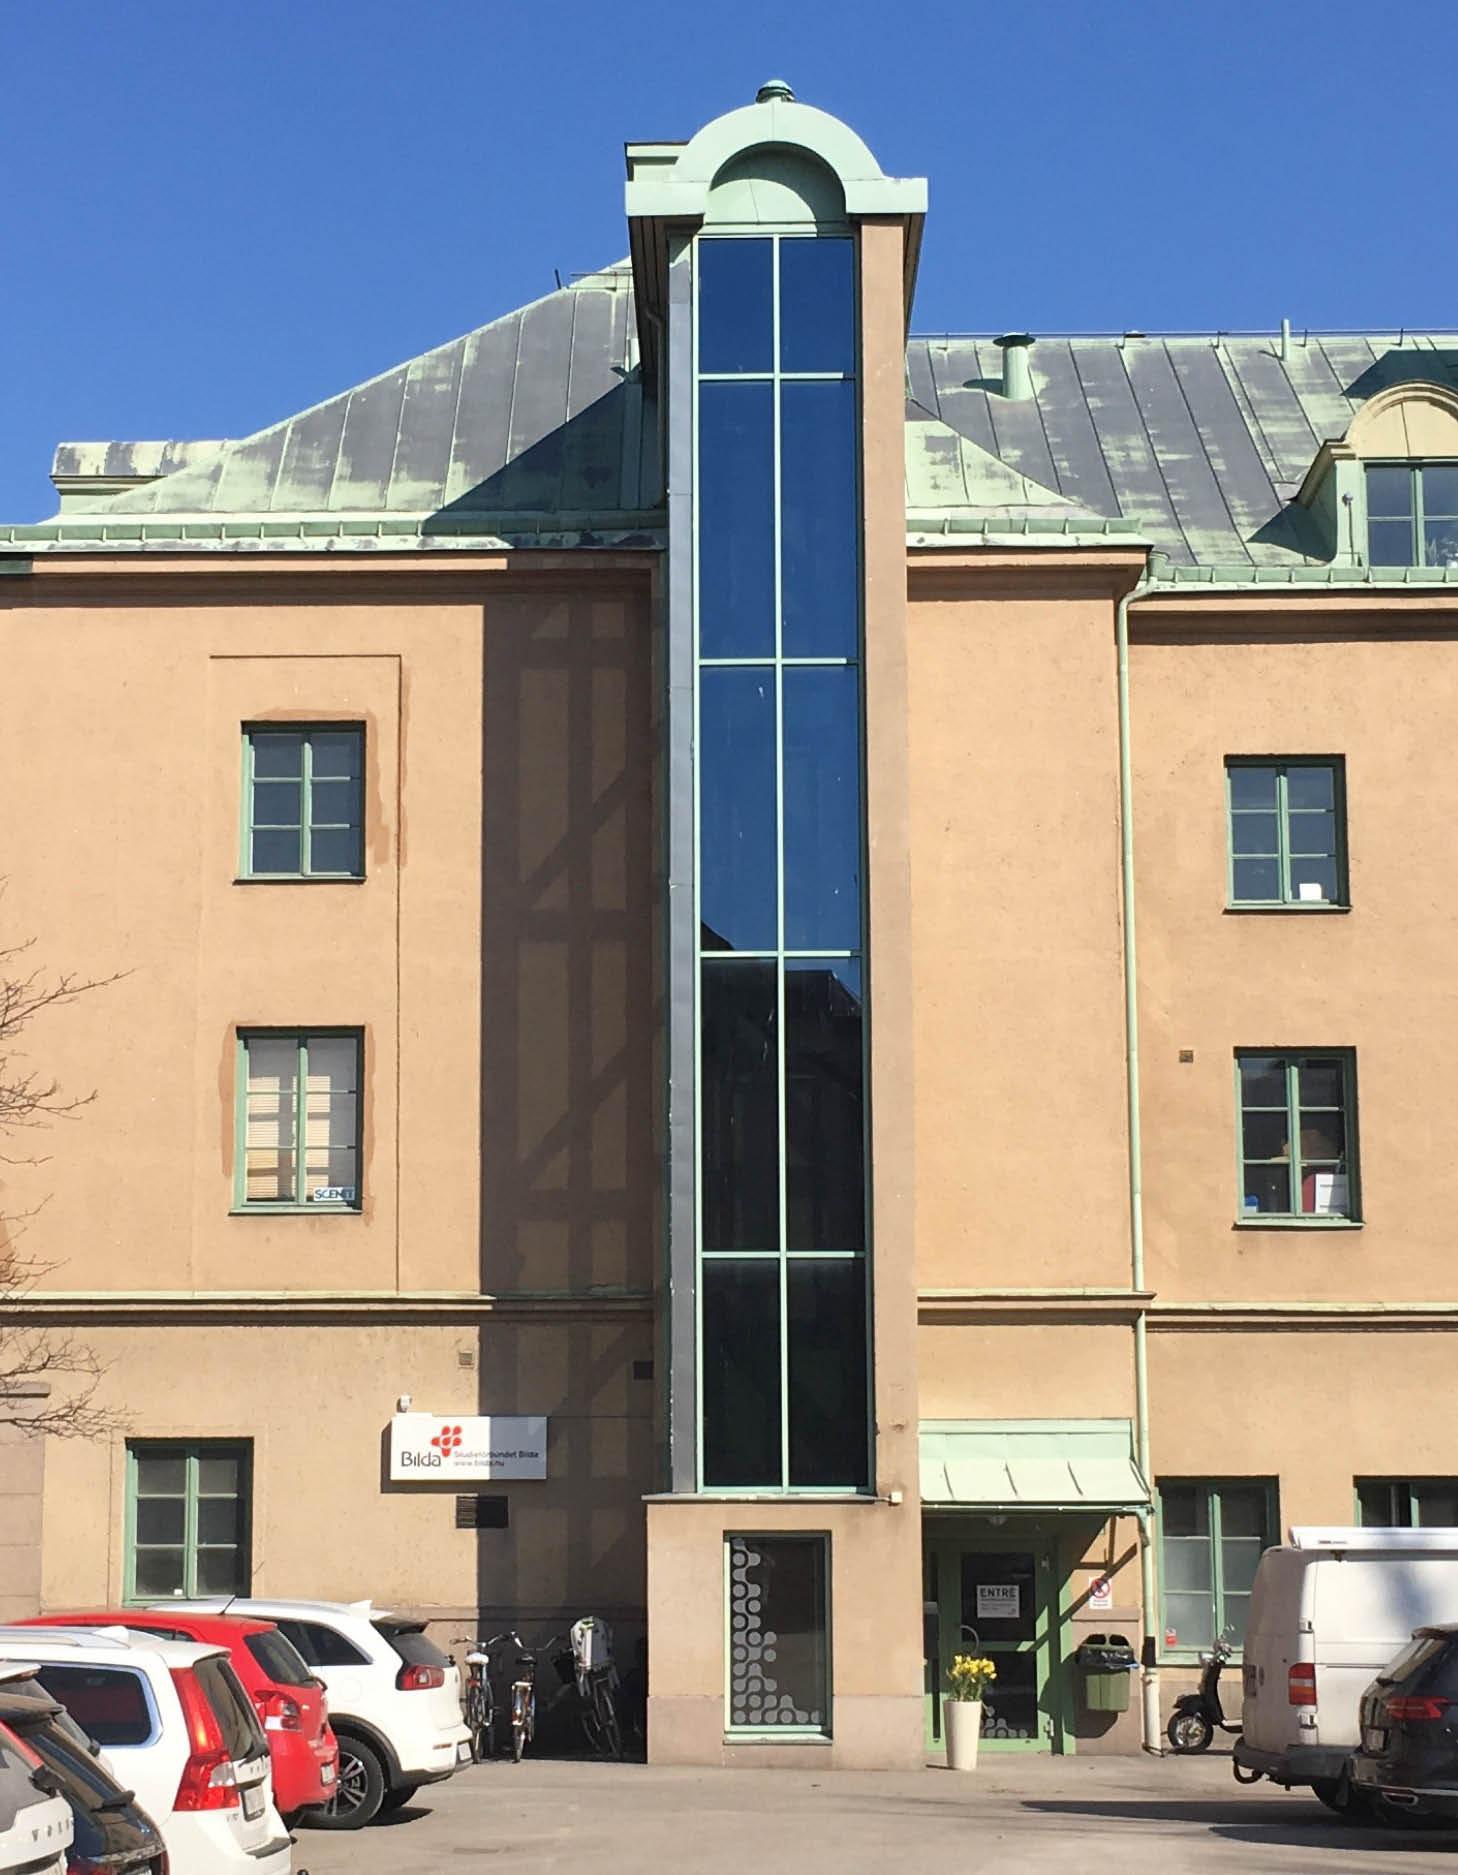 Bilda-kontorets fasad